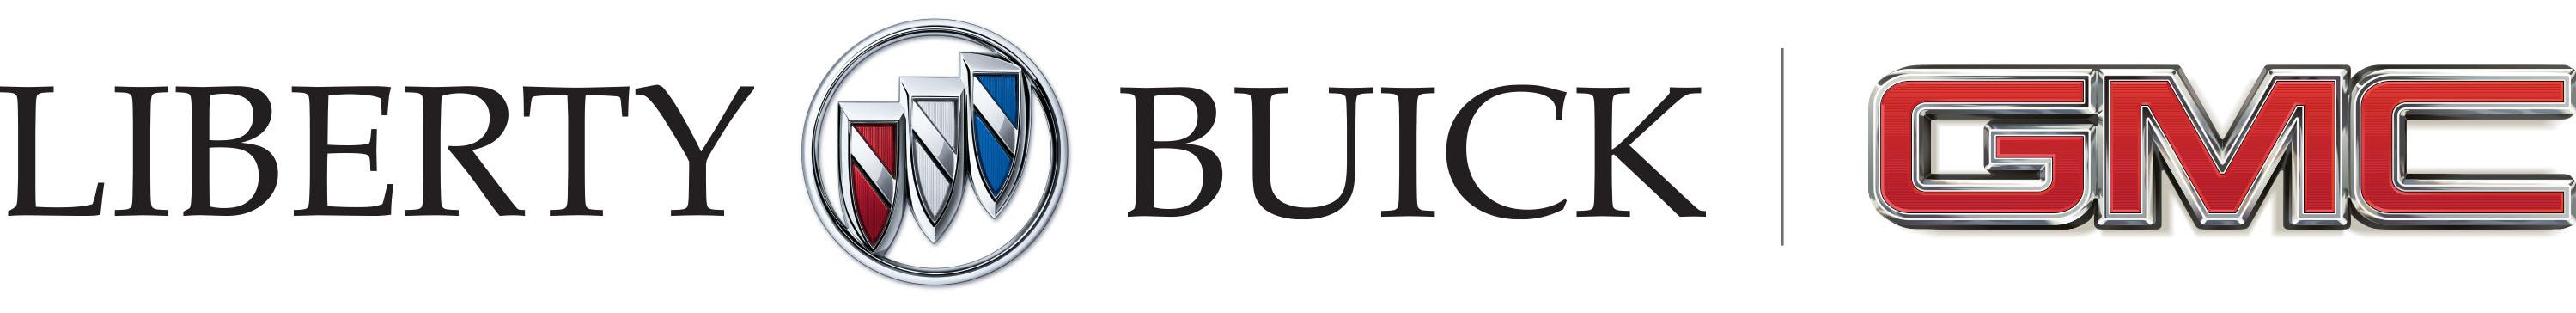 Liberty Buick GMC Logo